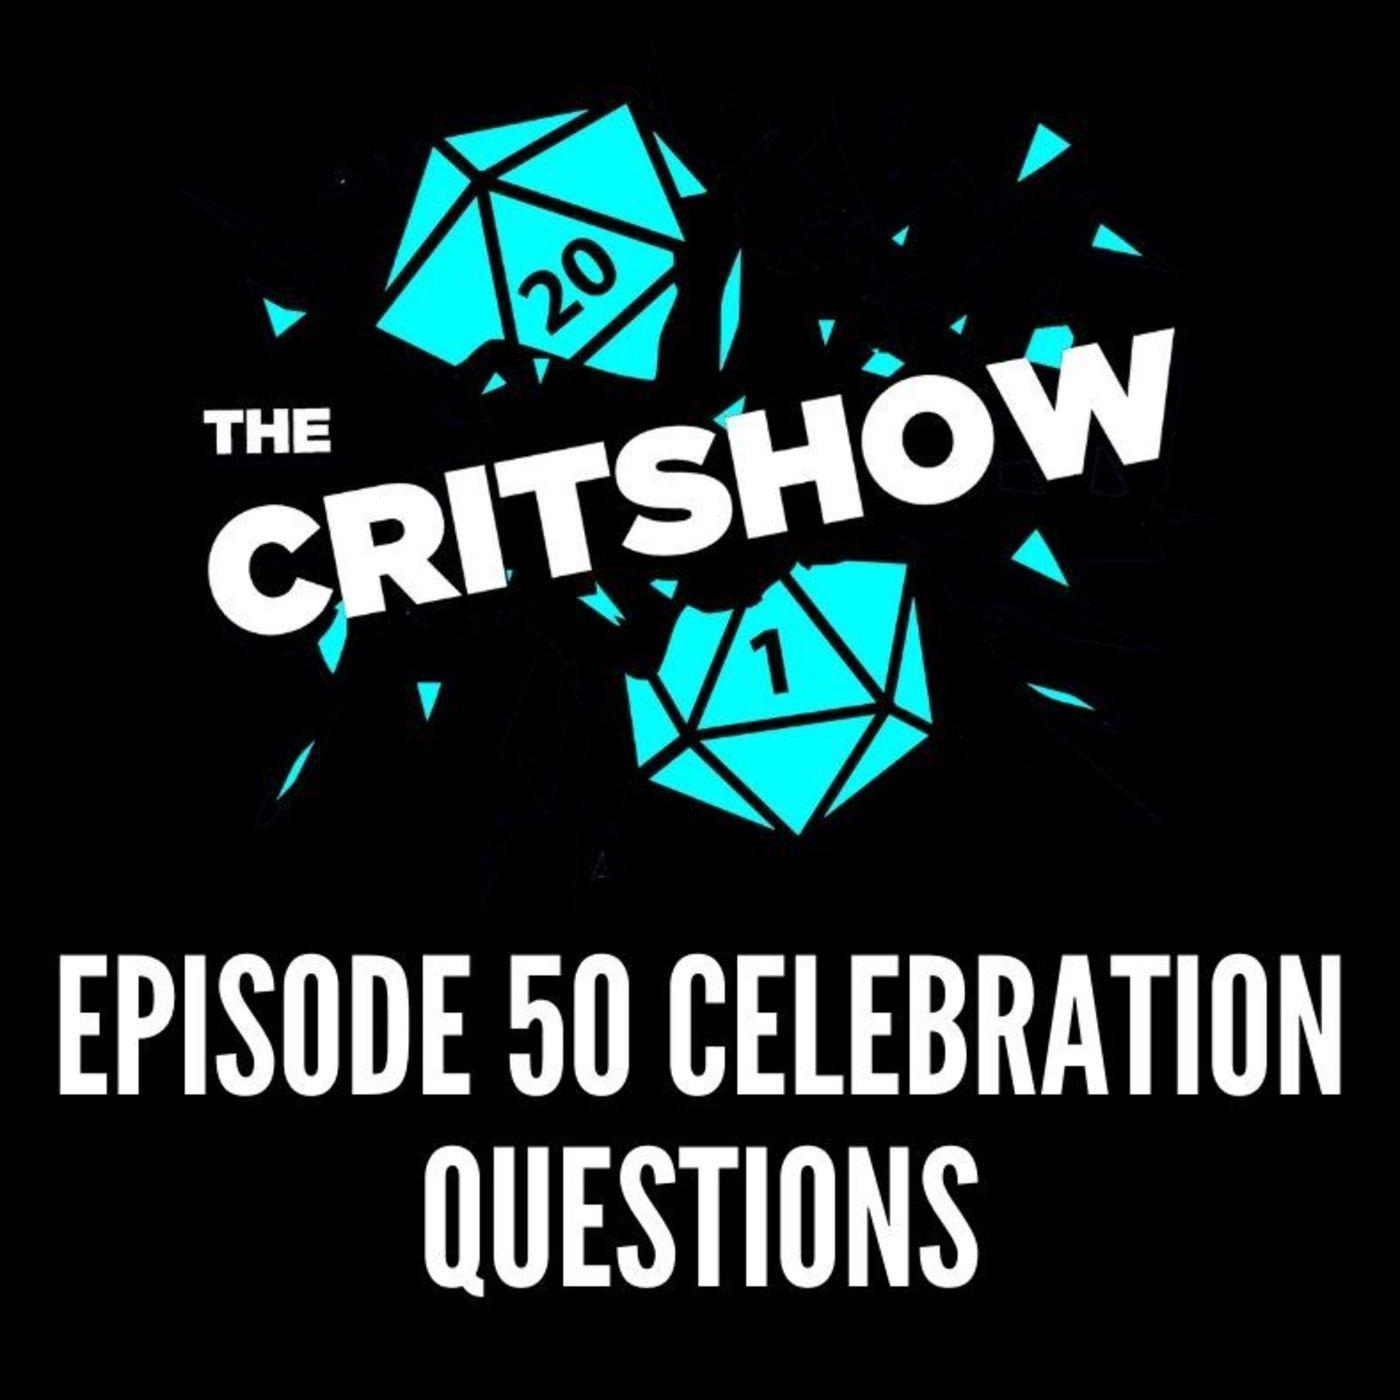 Episode 50 Celebration Questions (S1 E50-Q/A)